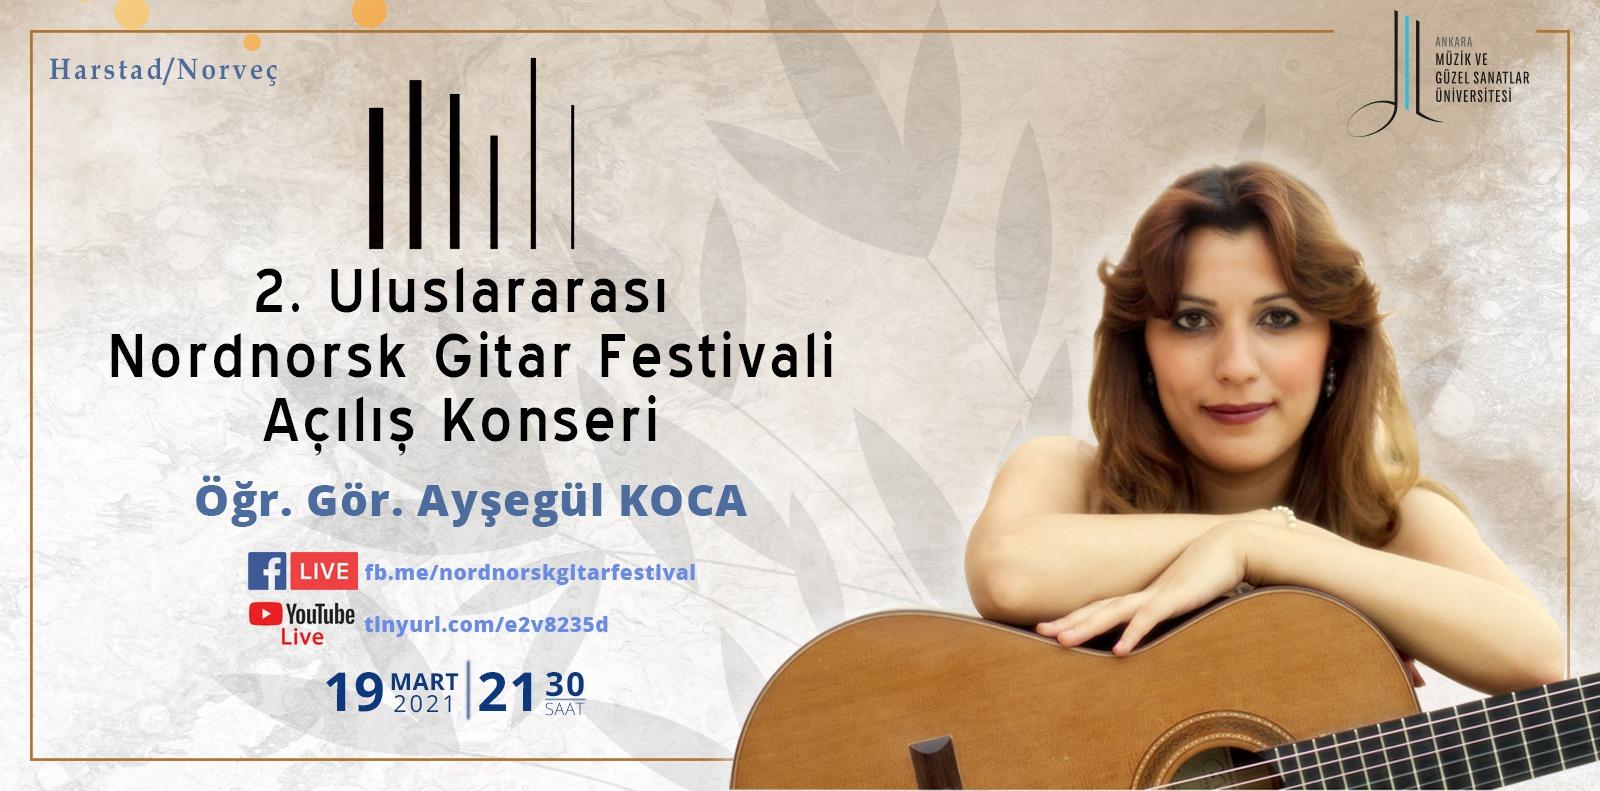 Gitar Festivali Slide